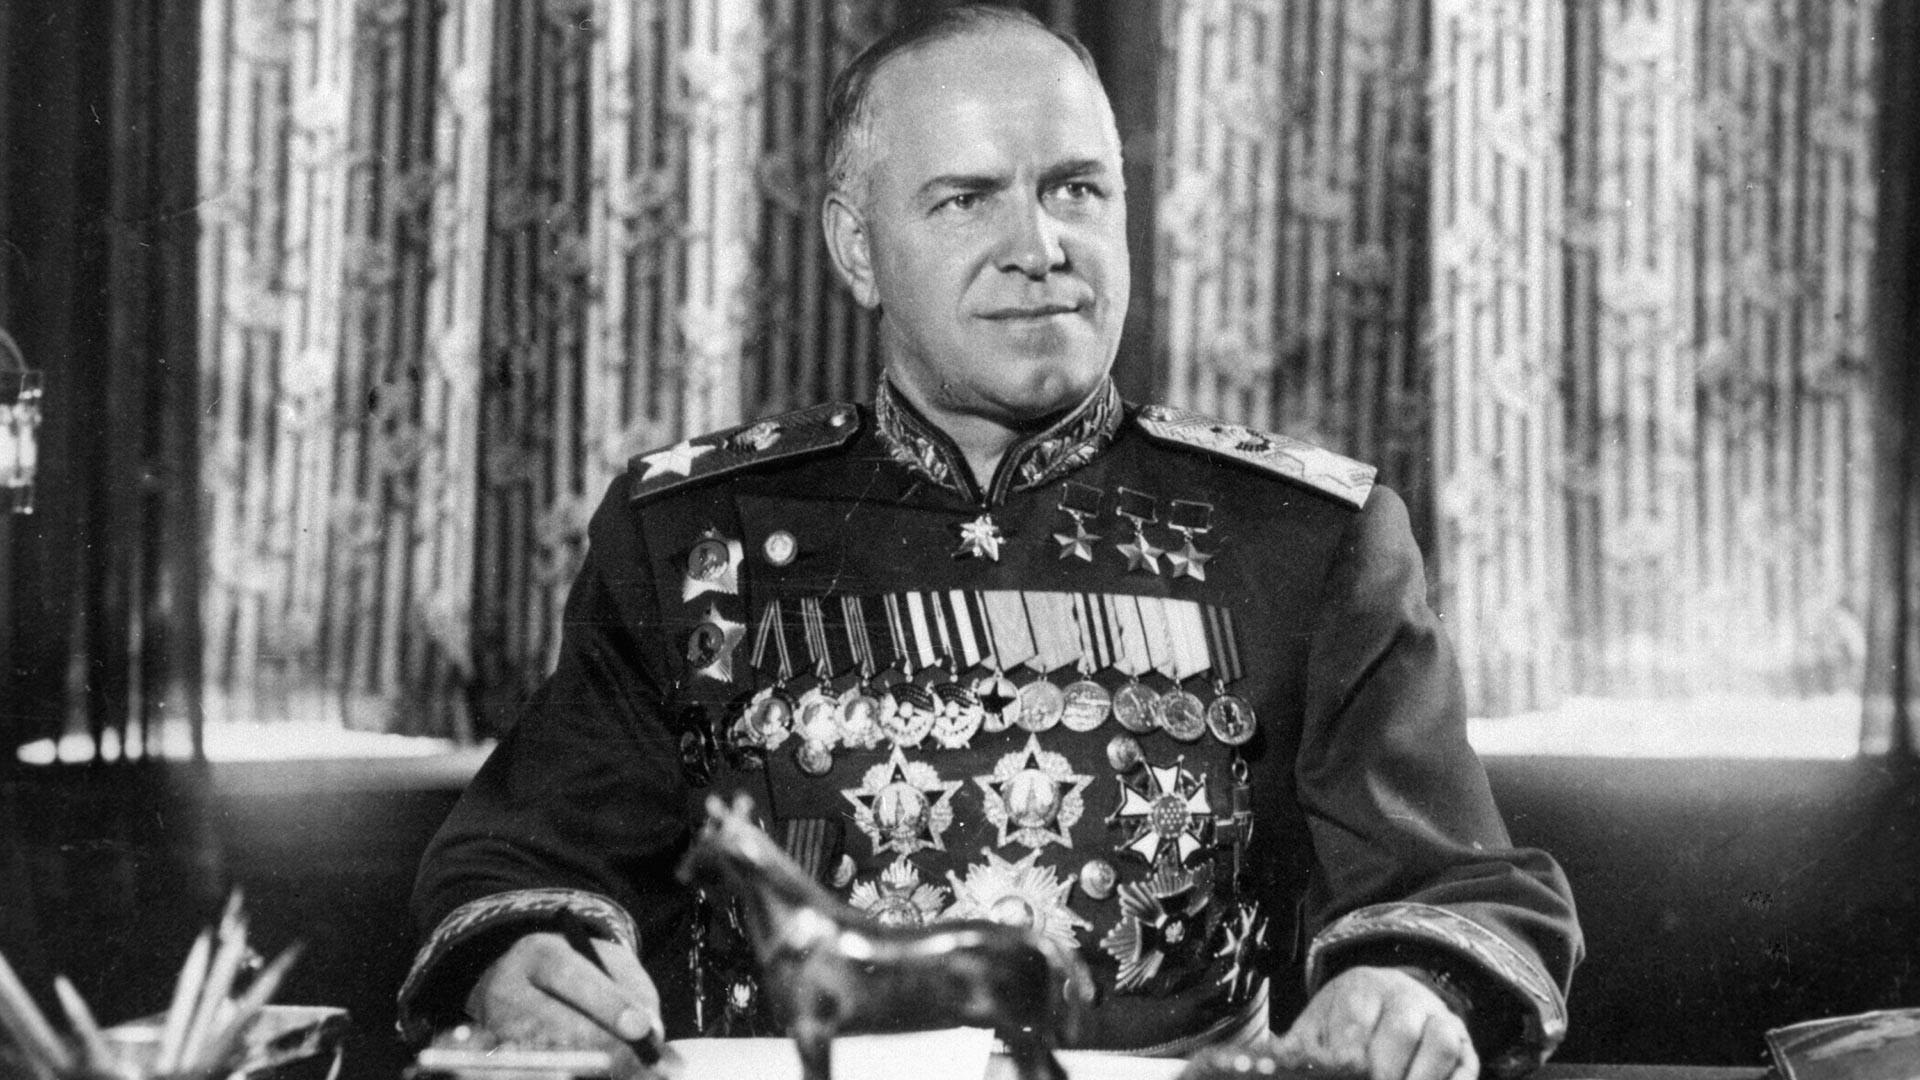 Marschall der Sowjetunion Georgi Schukow.